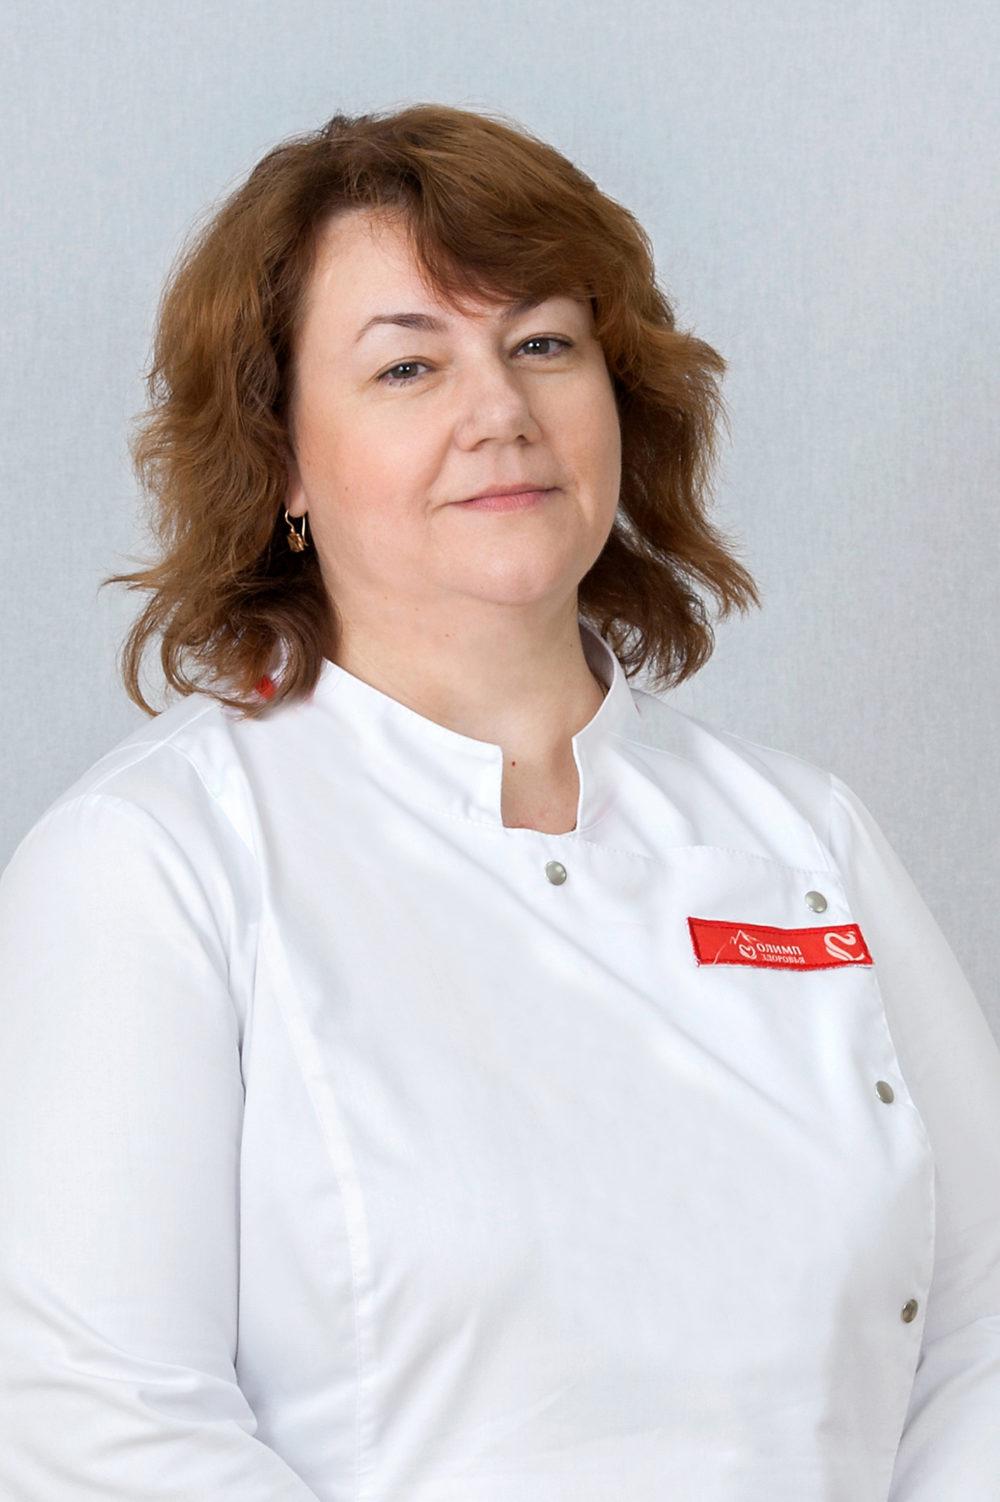 Белькова Елена Борисовна